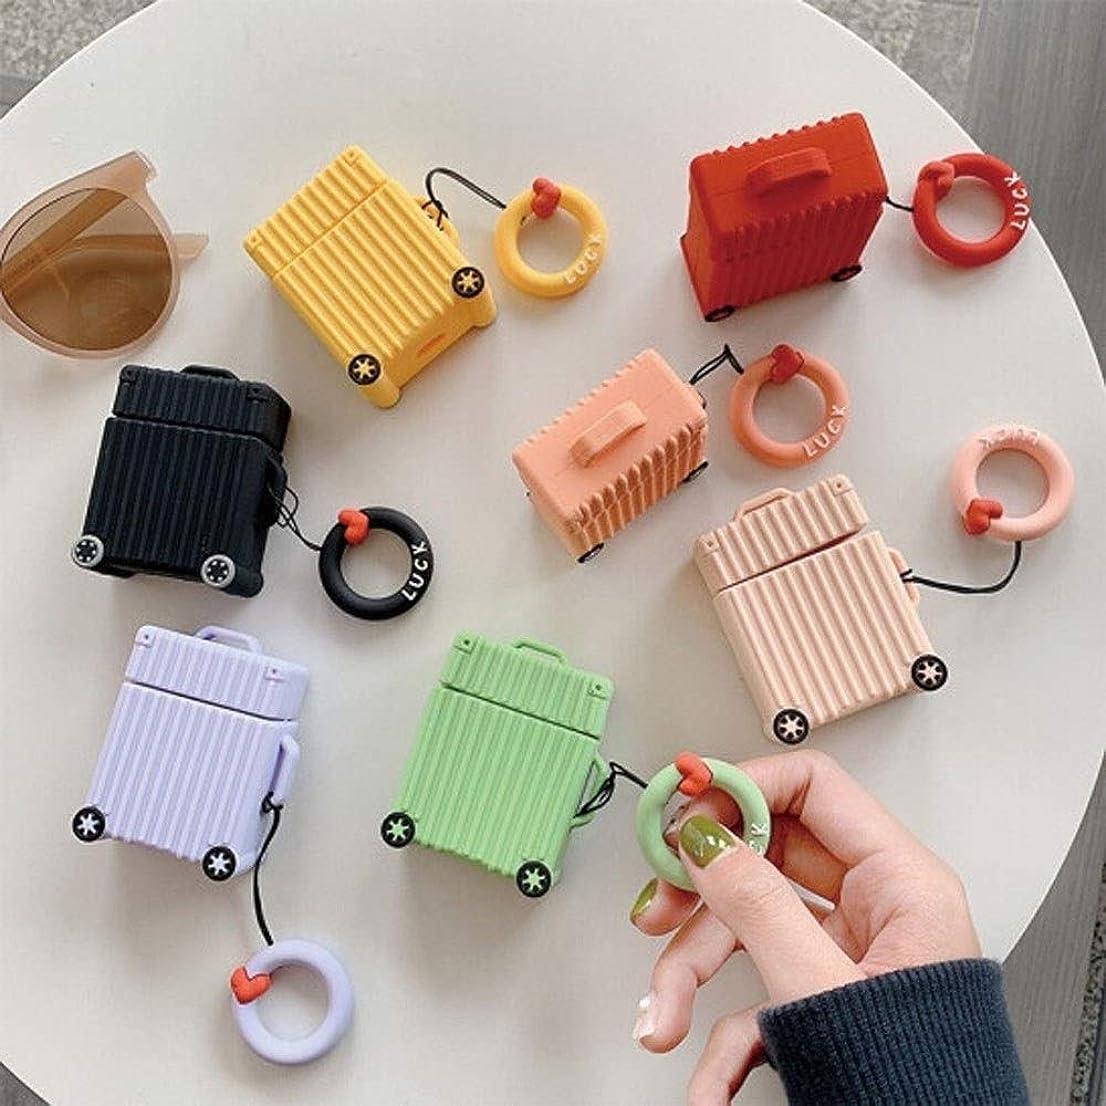 皮核HKXR ヘッドフォンカバー、AirPods1 / 2世代のシリコンケース、耐久性、贈り物になりやすい、小さなスーツケースのデザイン、絶妙な雰囲気(黒/緑/ピンク/紫/赤/黄) (Color : Pink)